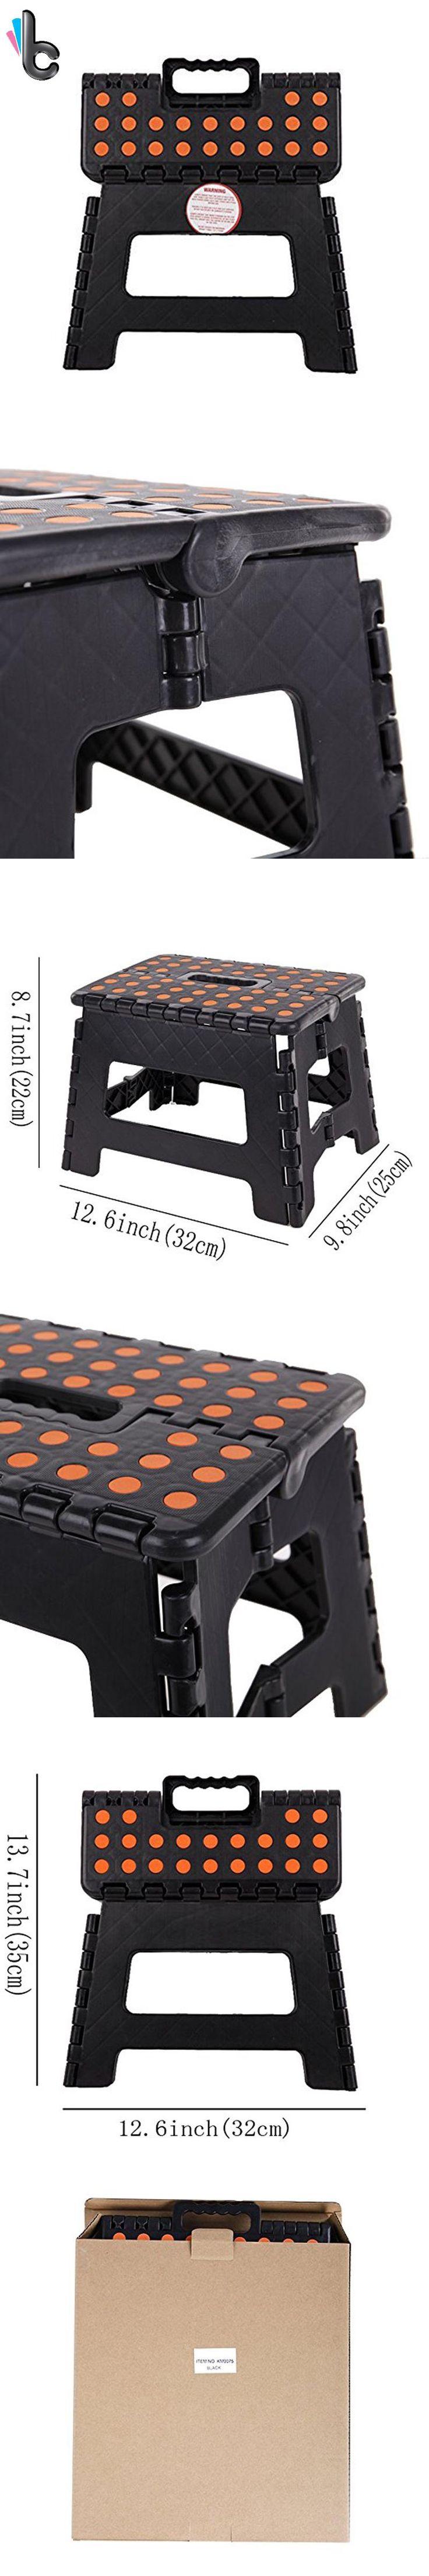 Best 25+ Plastic step stool ideas on Pinterest | 3 step stool ...